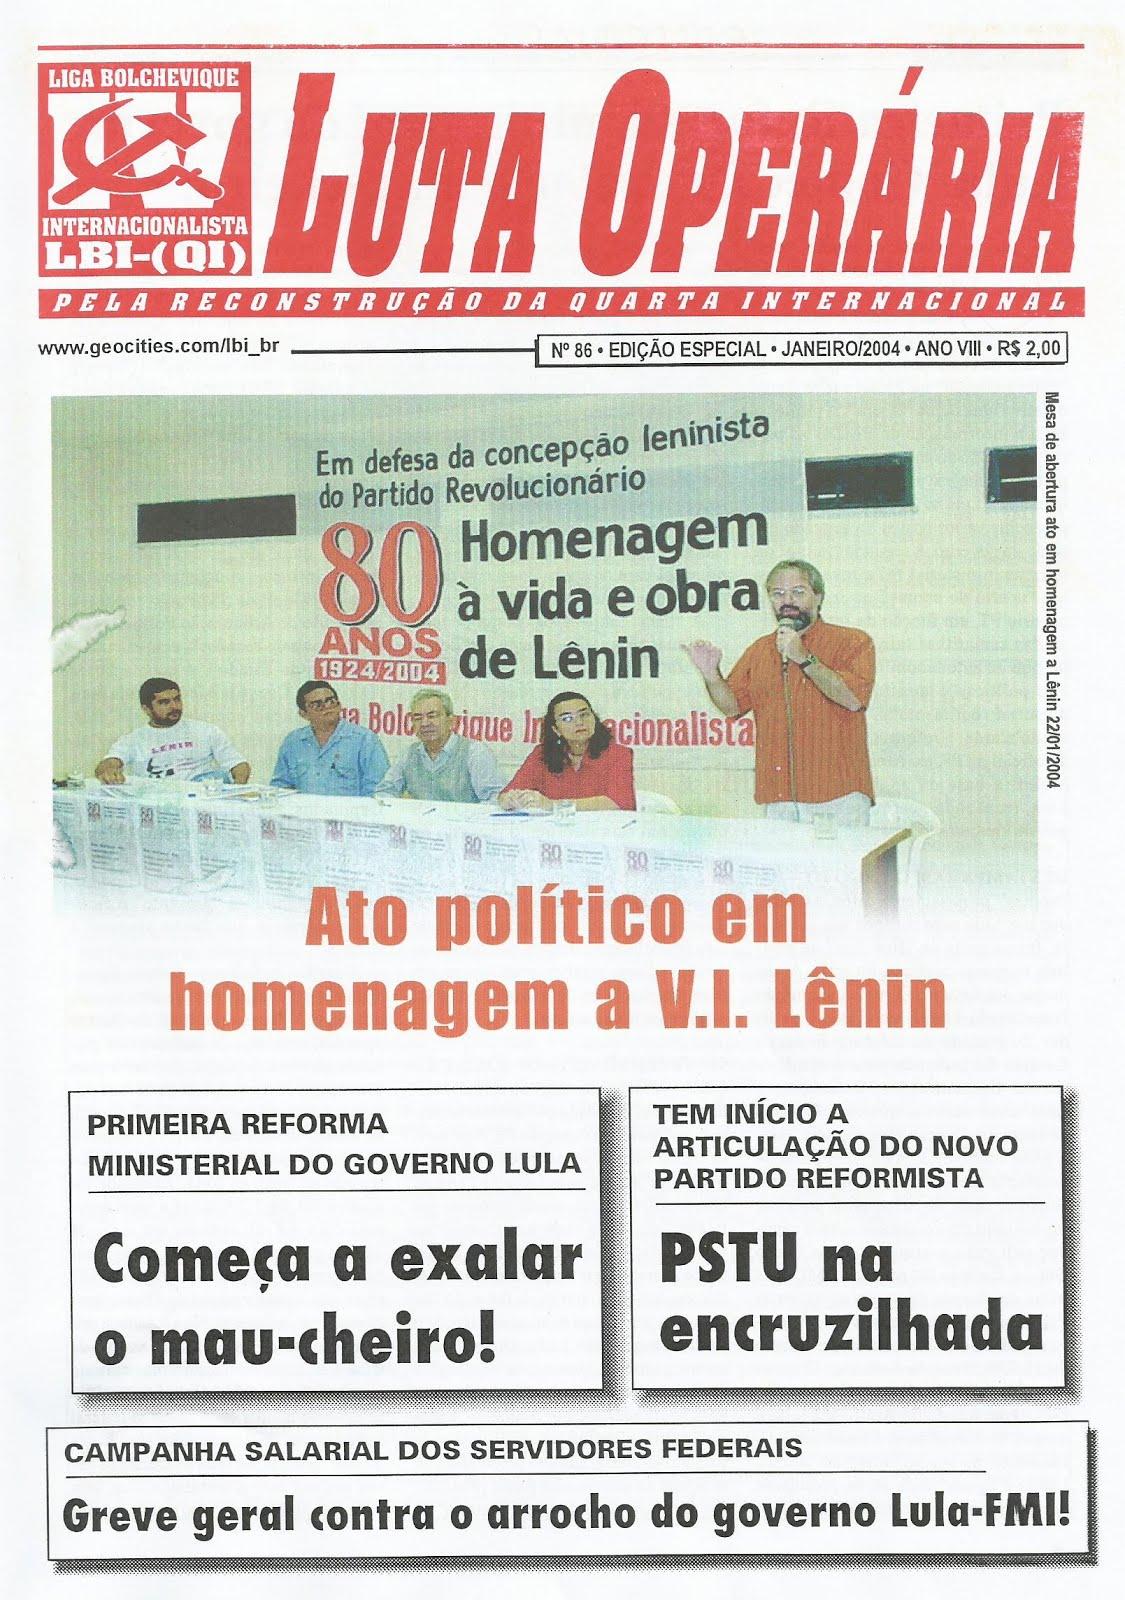 LEIA A EDIÇÃO DO JORNAL LUTA OPERÁRIA Nº 86, JANEIRO/2004